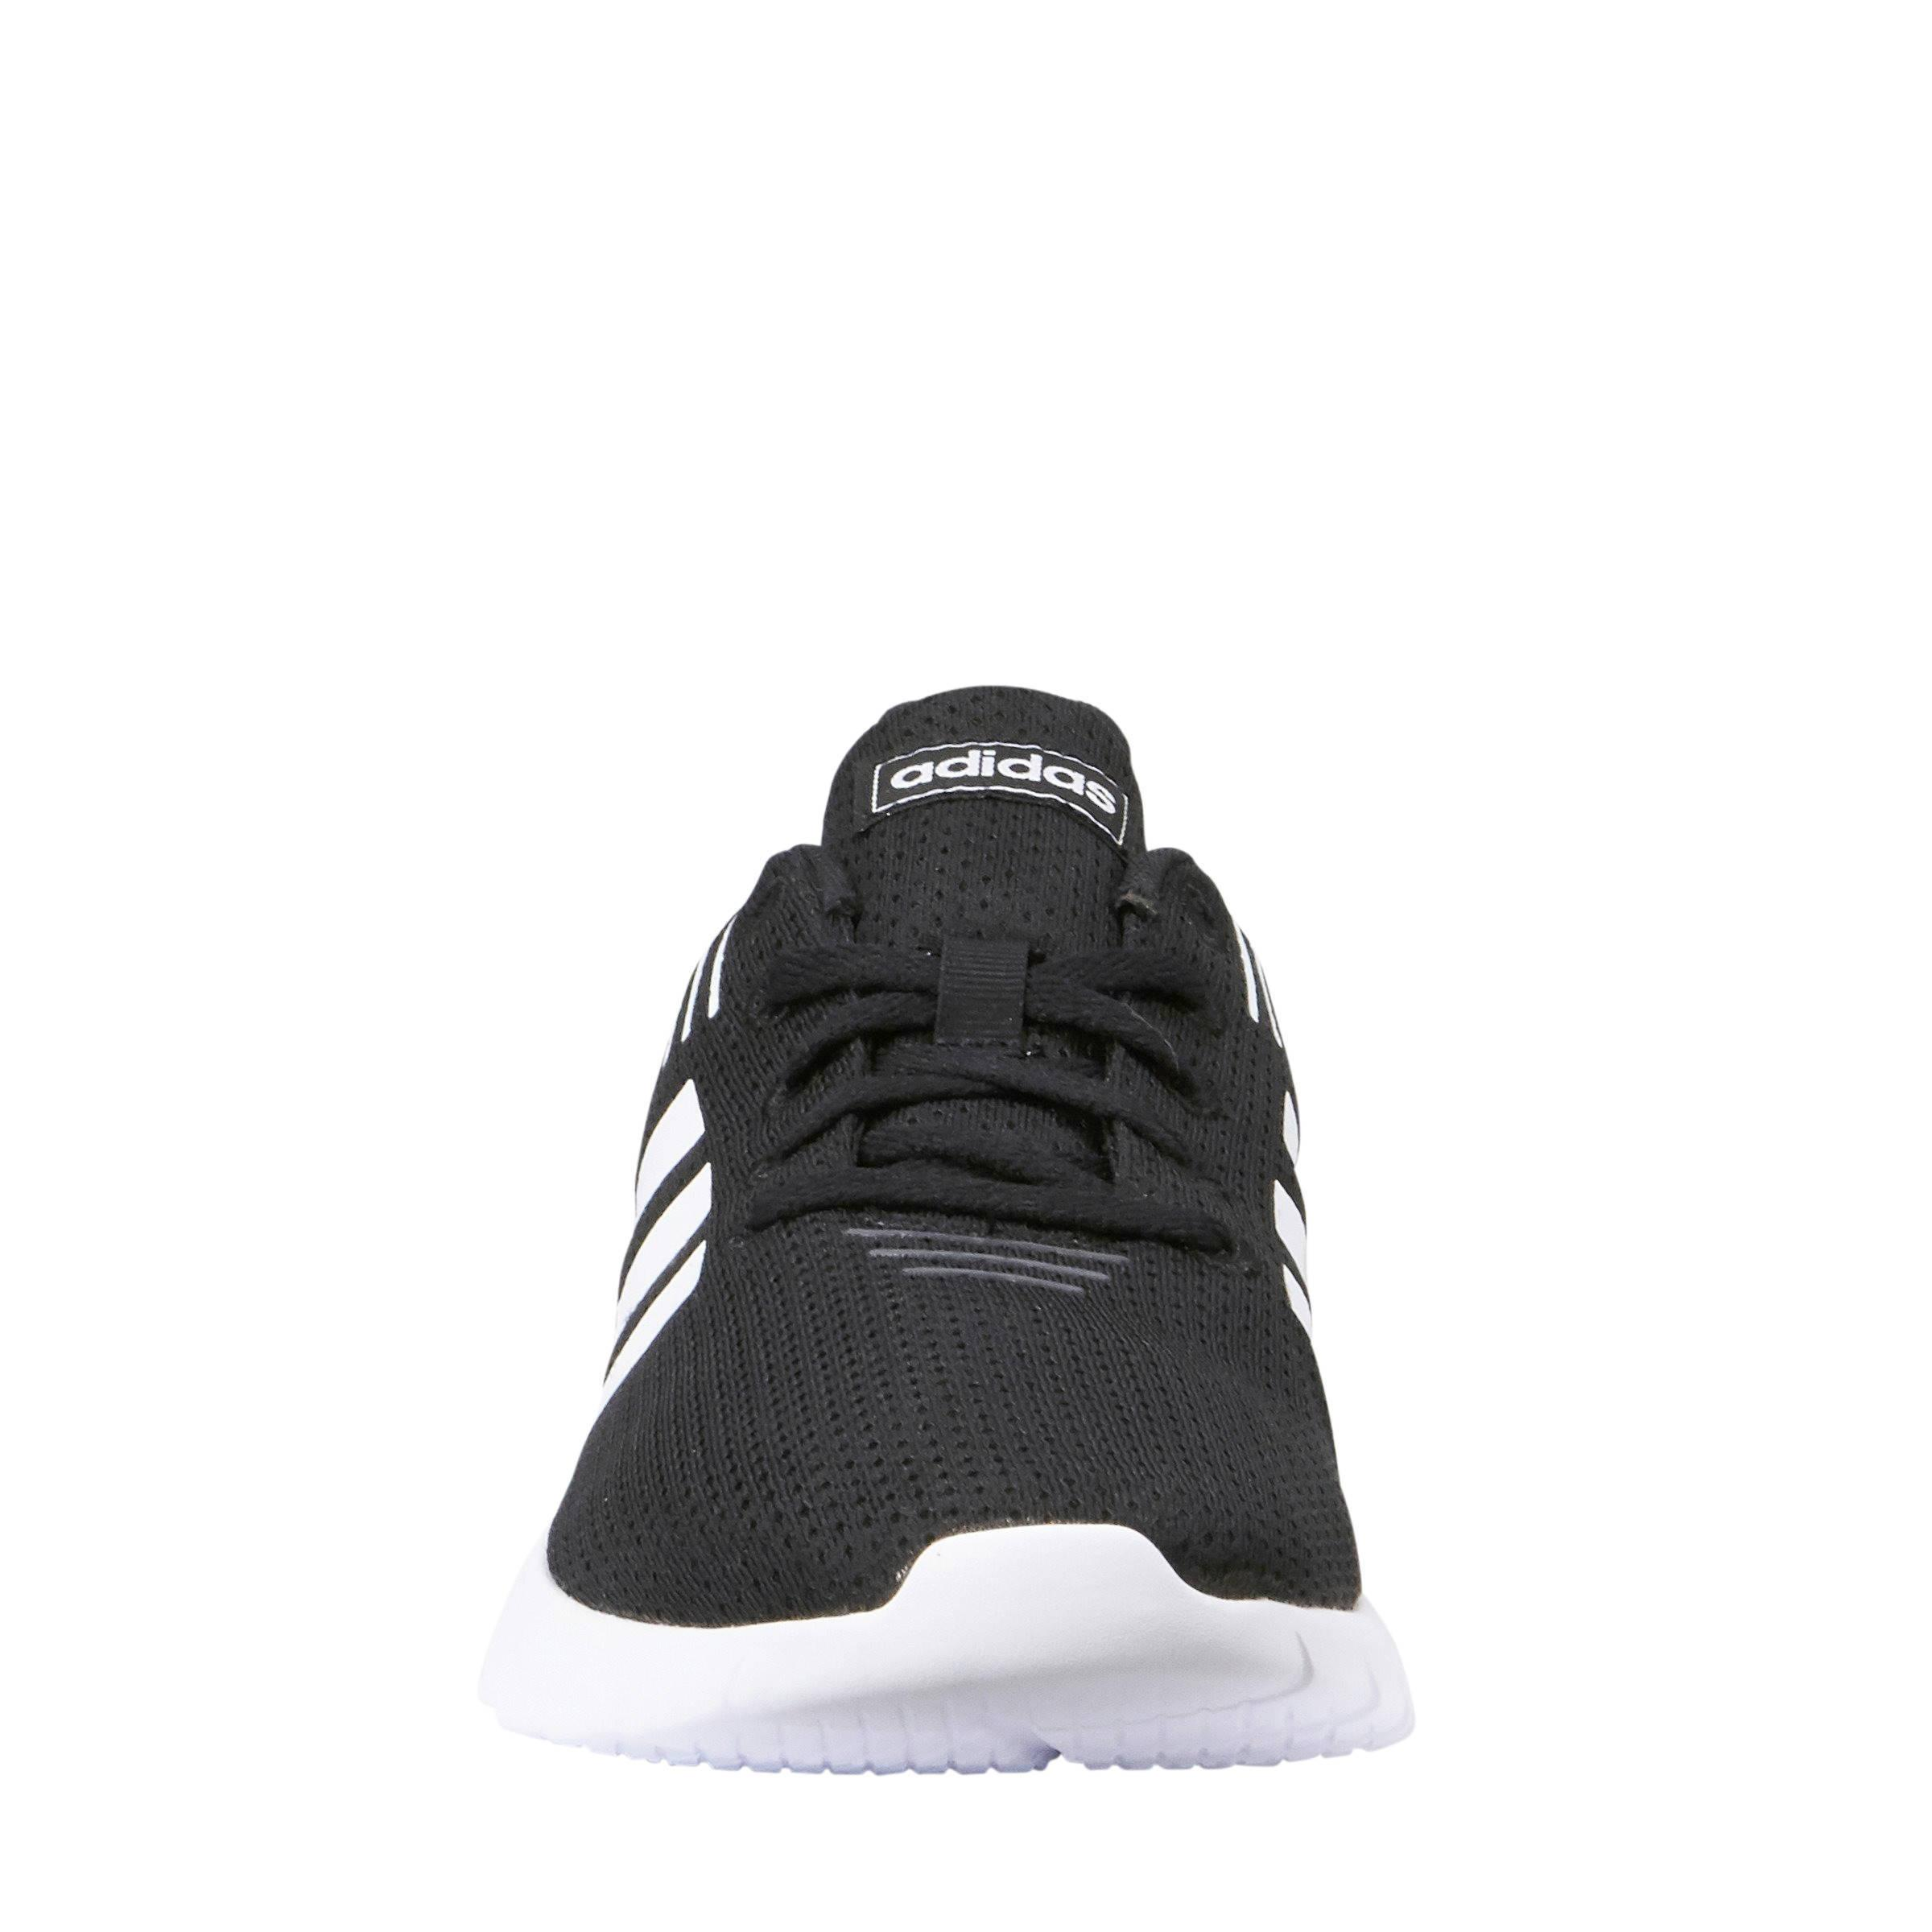 adidas Asweerun Hardloopschoenen Zwart/wit in het Zwart voor heren